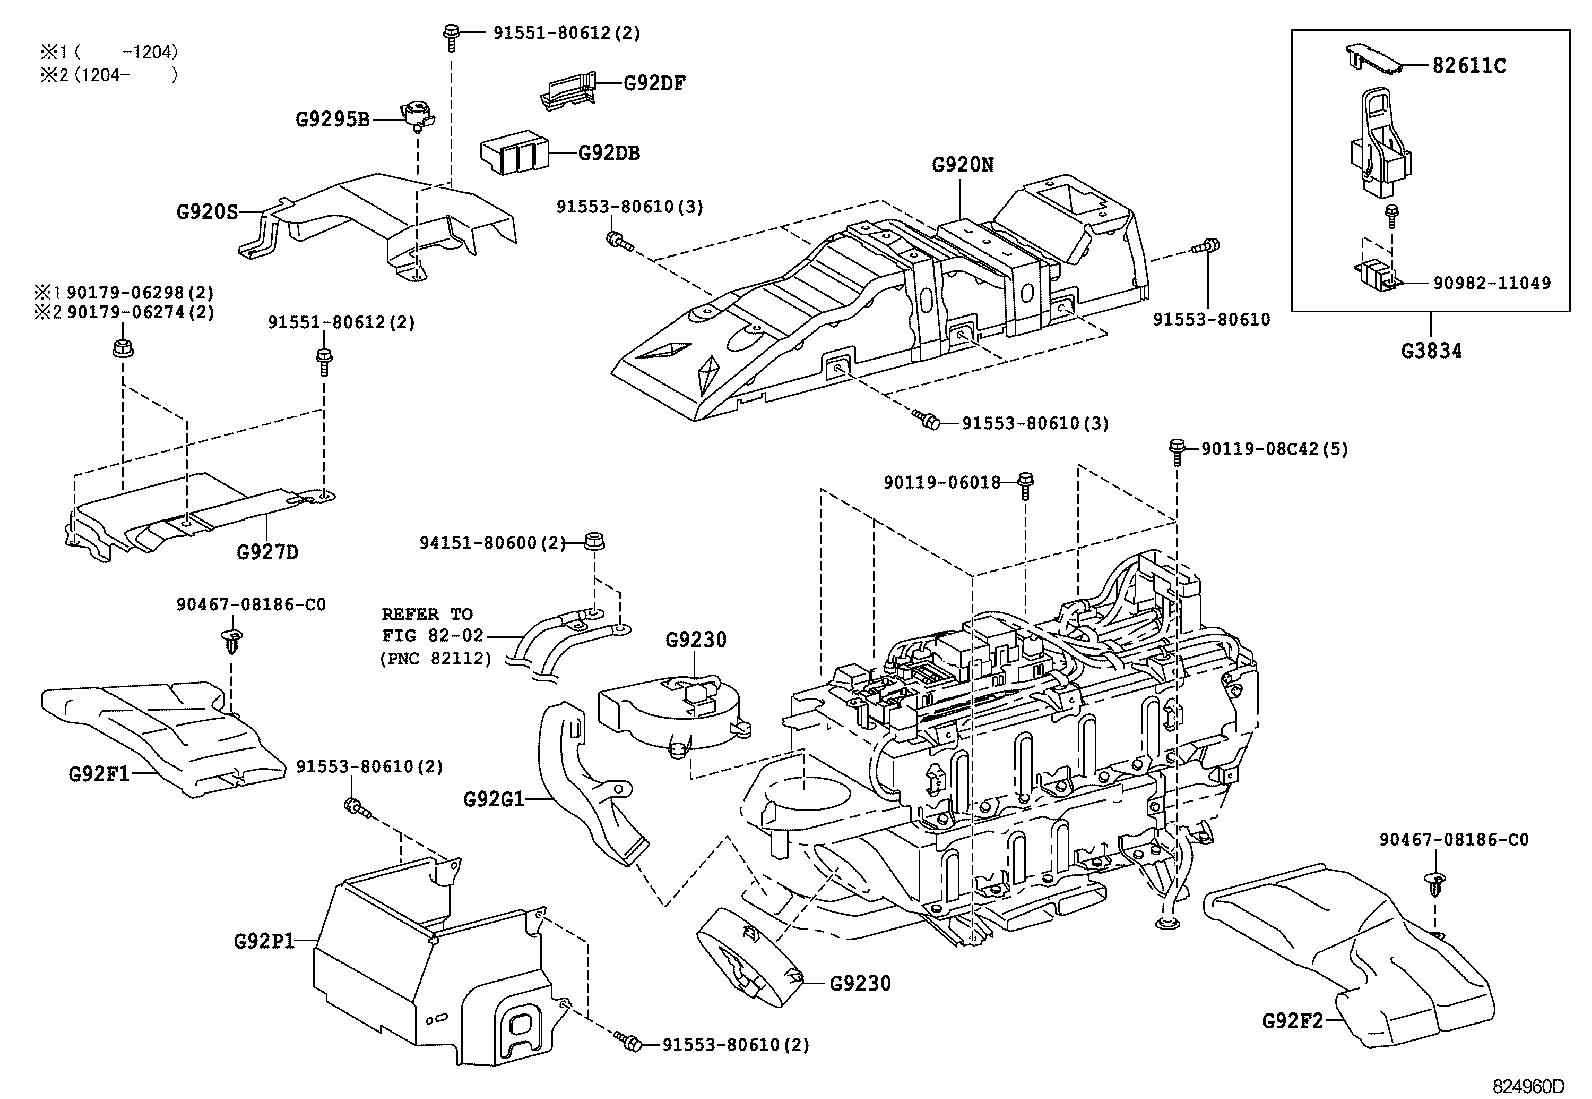 toyota estima hybridahr20w-gfxeb - electrical